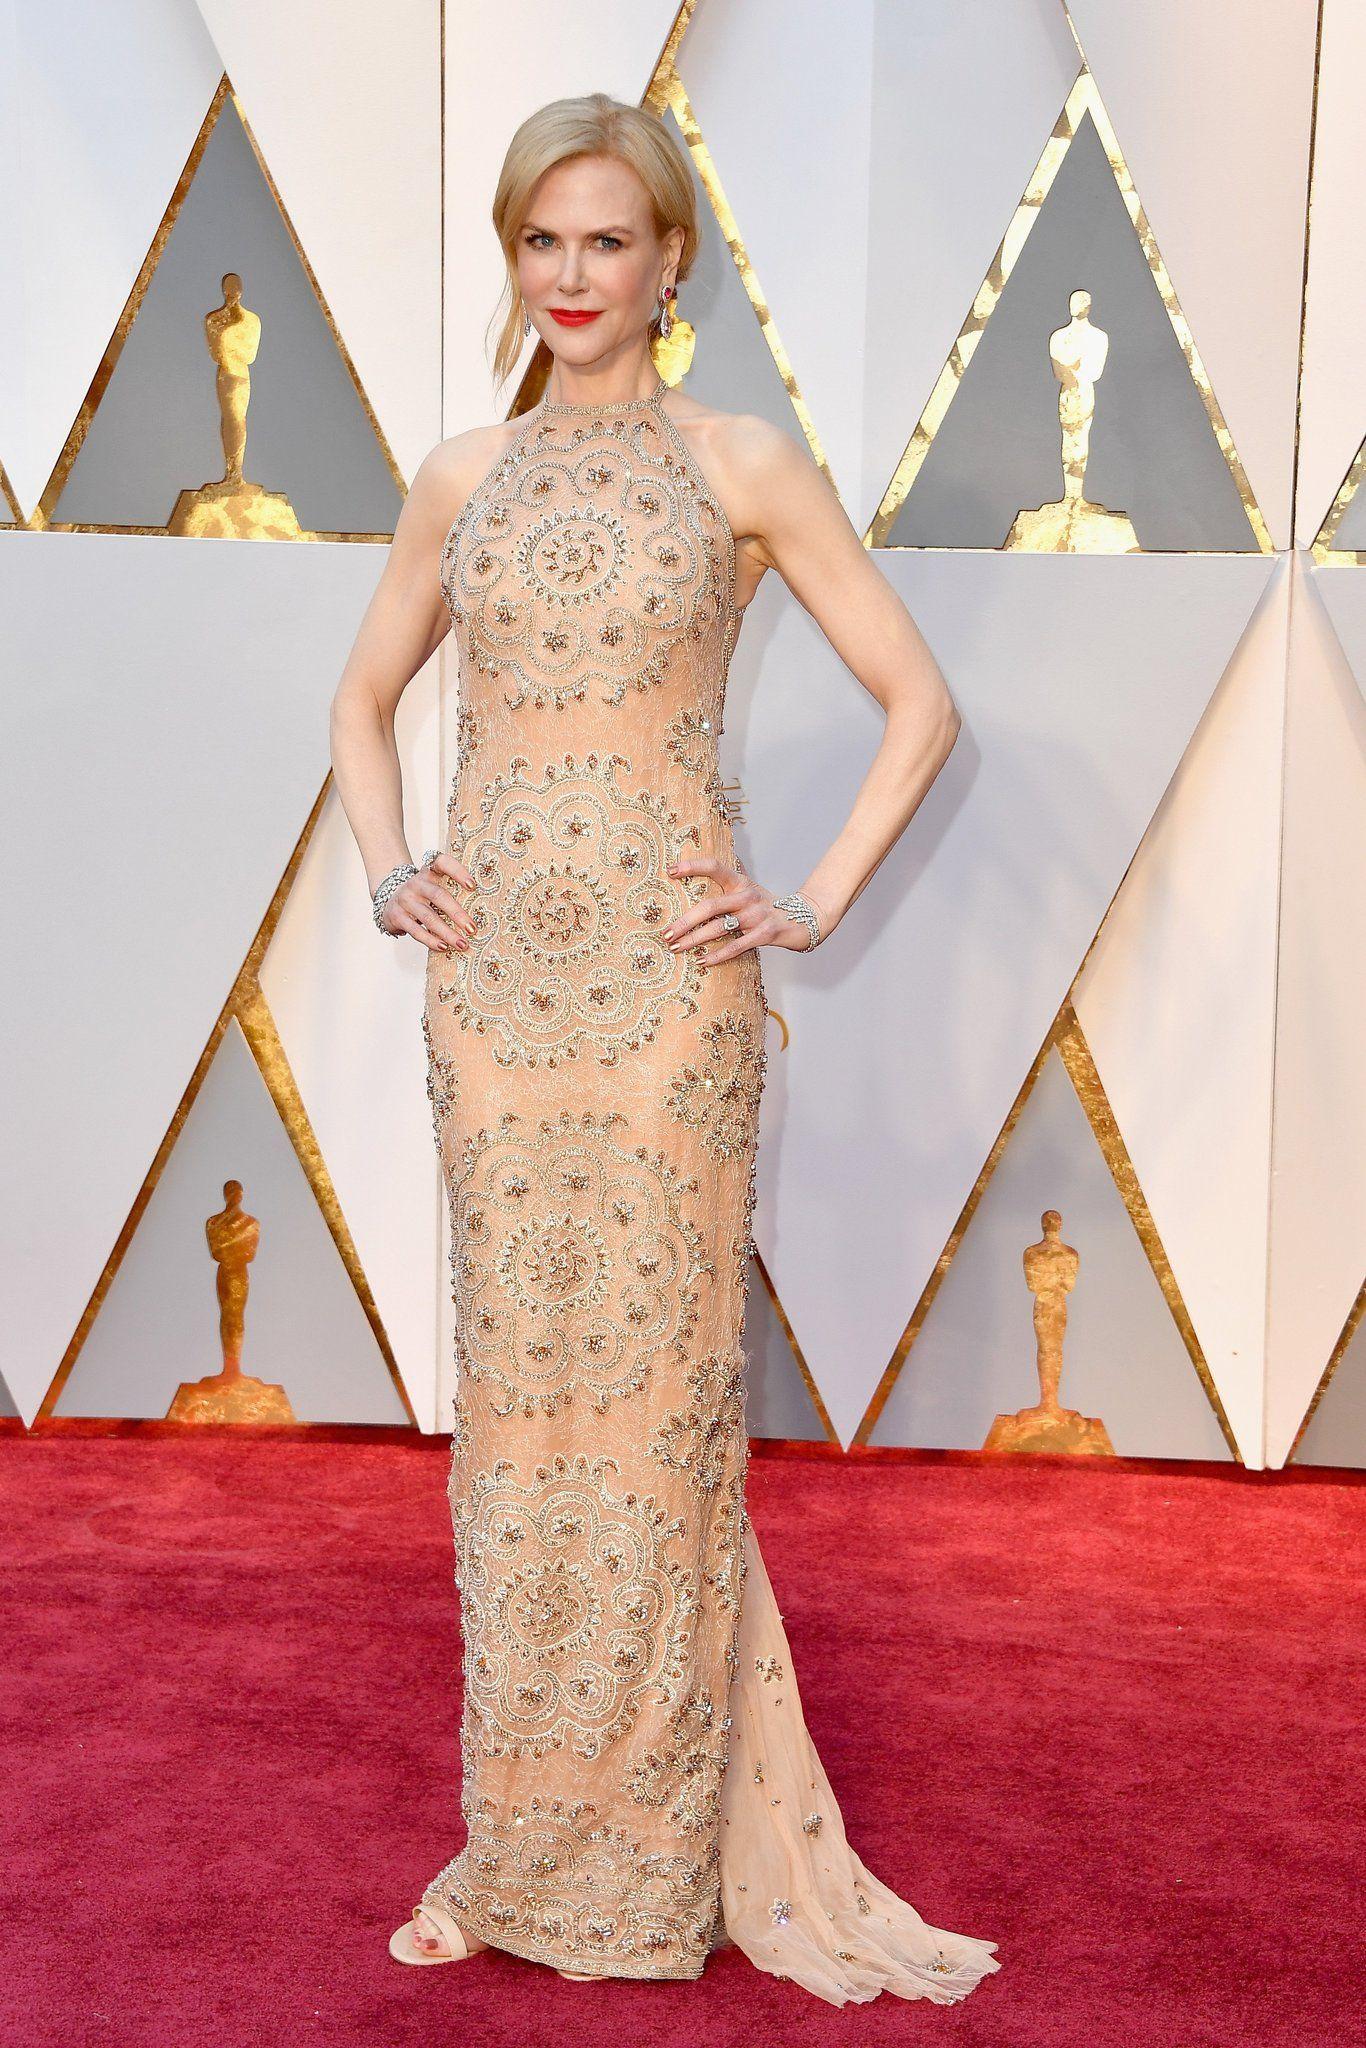 Nicole Kidman Oscar 2017 Red Carpet Arrival Oscars Red Carpet Arrivals 2017 Oscars 2017 Photos 89th Academy Awards Red Carpet Gowns Nice Dresses Red Carpet Oscars